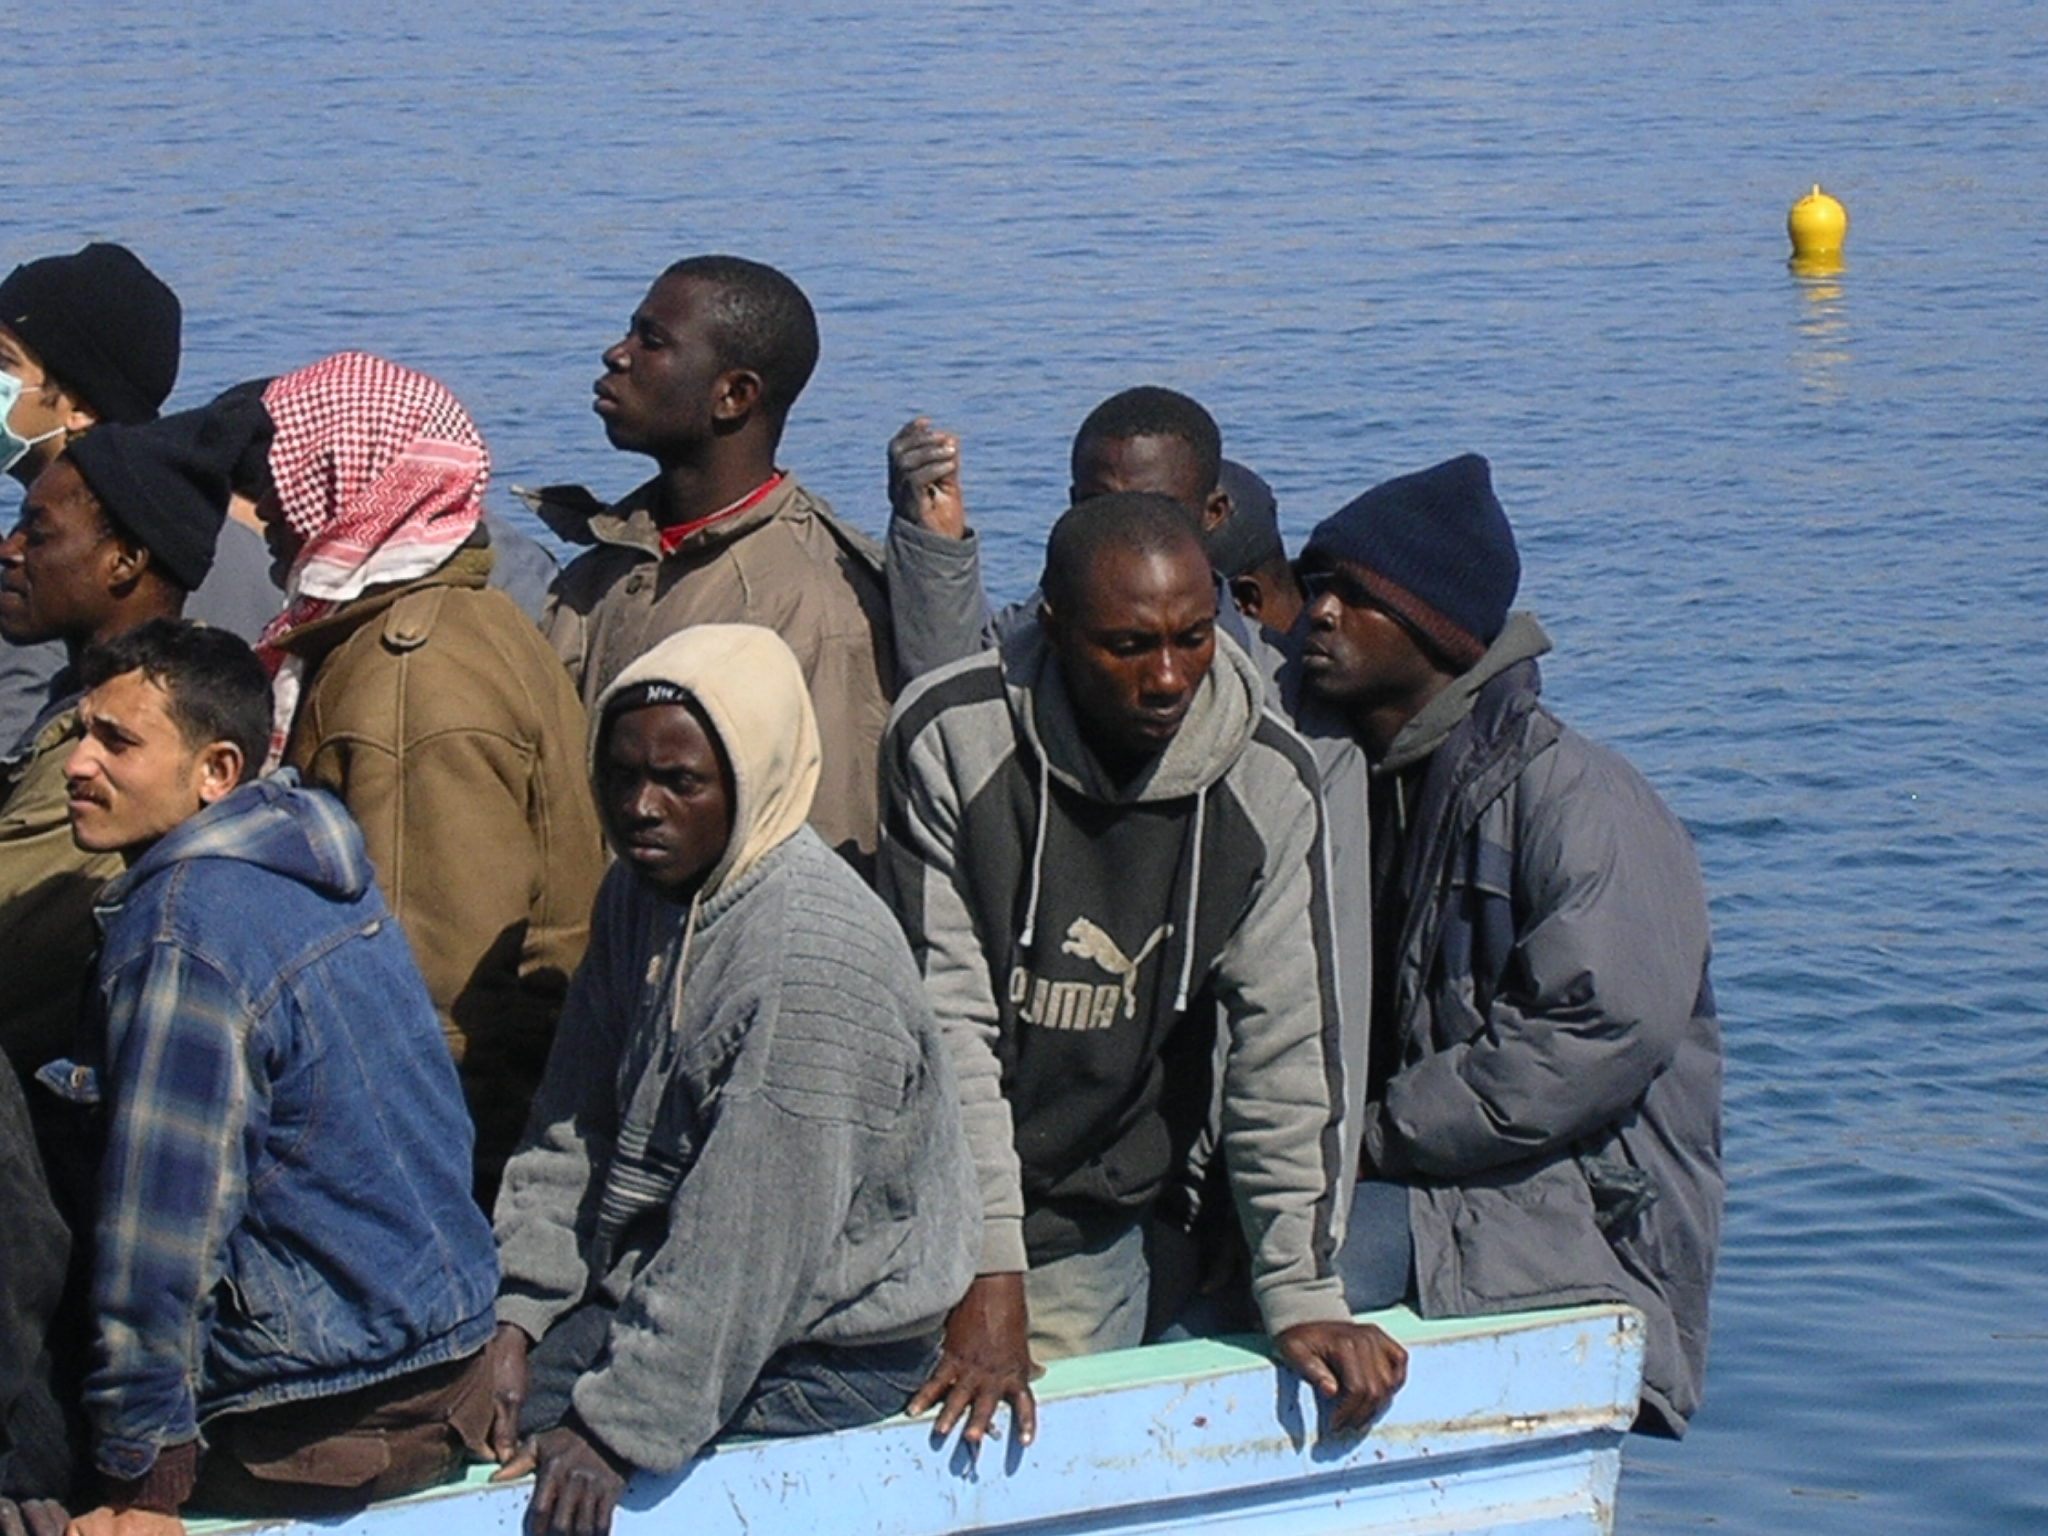 Trenta migranti sbarcano nell'Agrigentino com due barche di legno